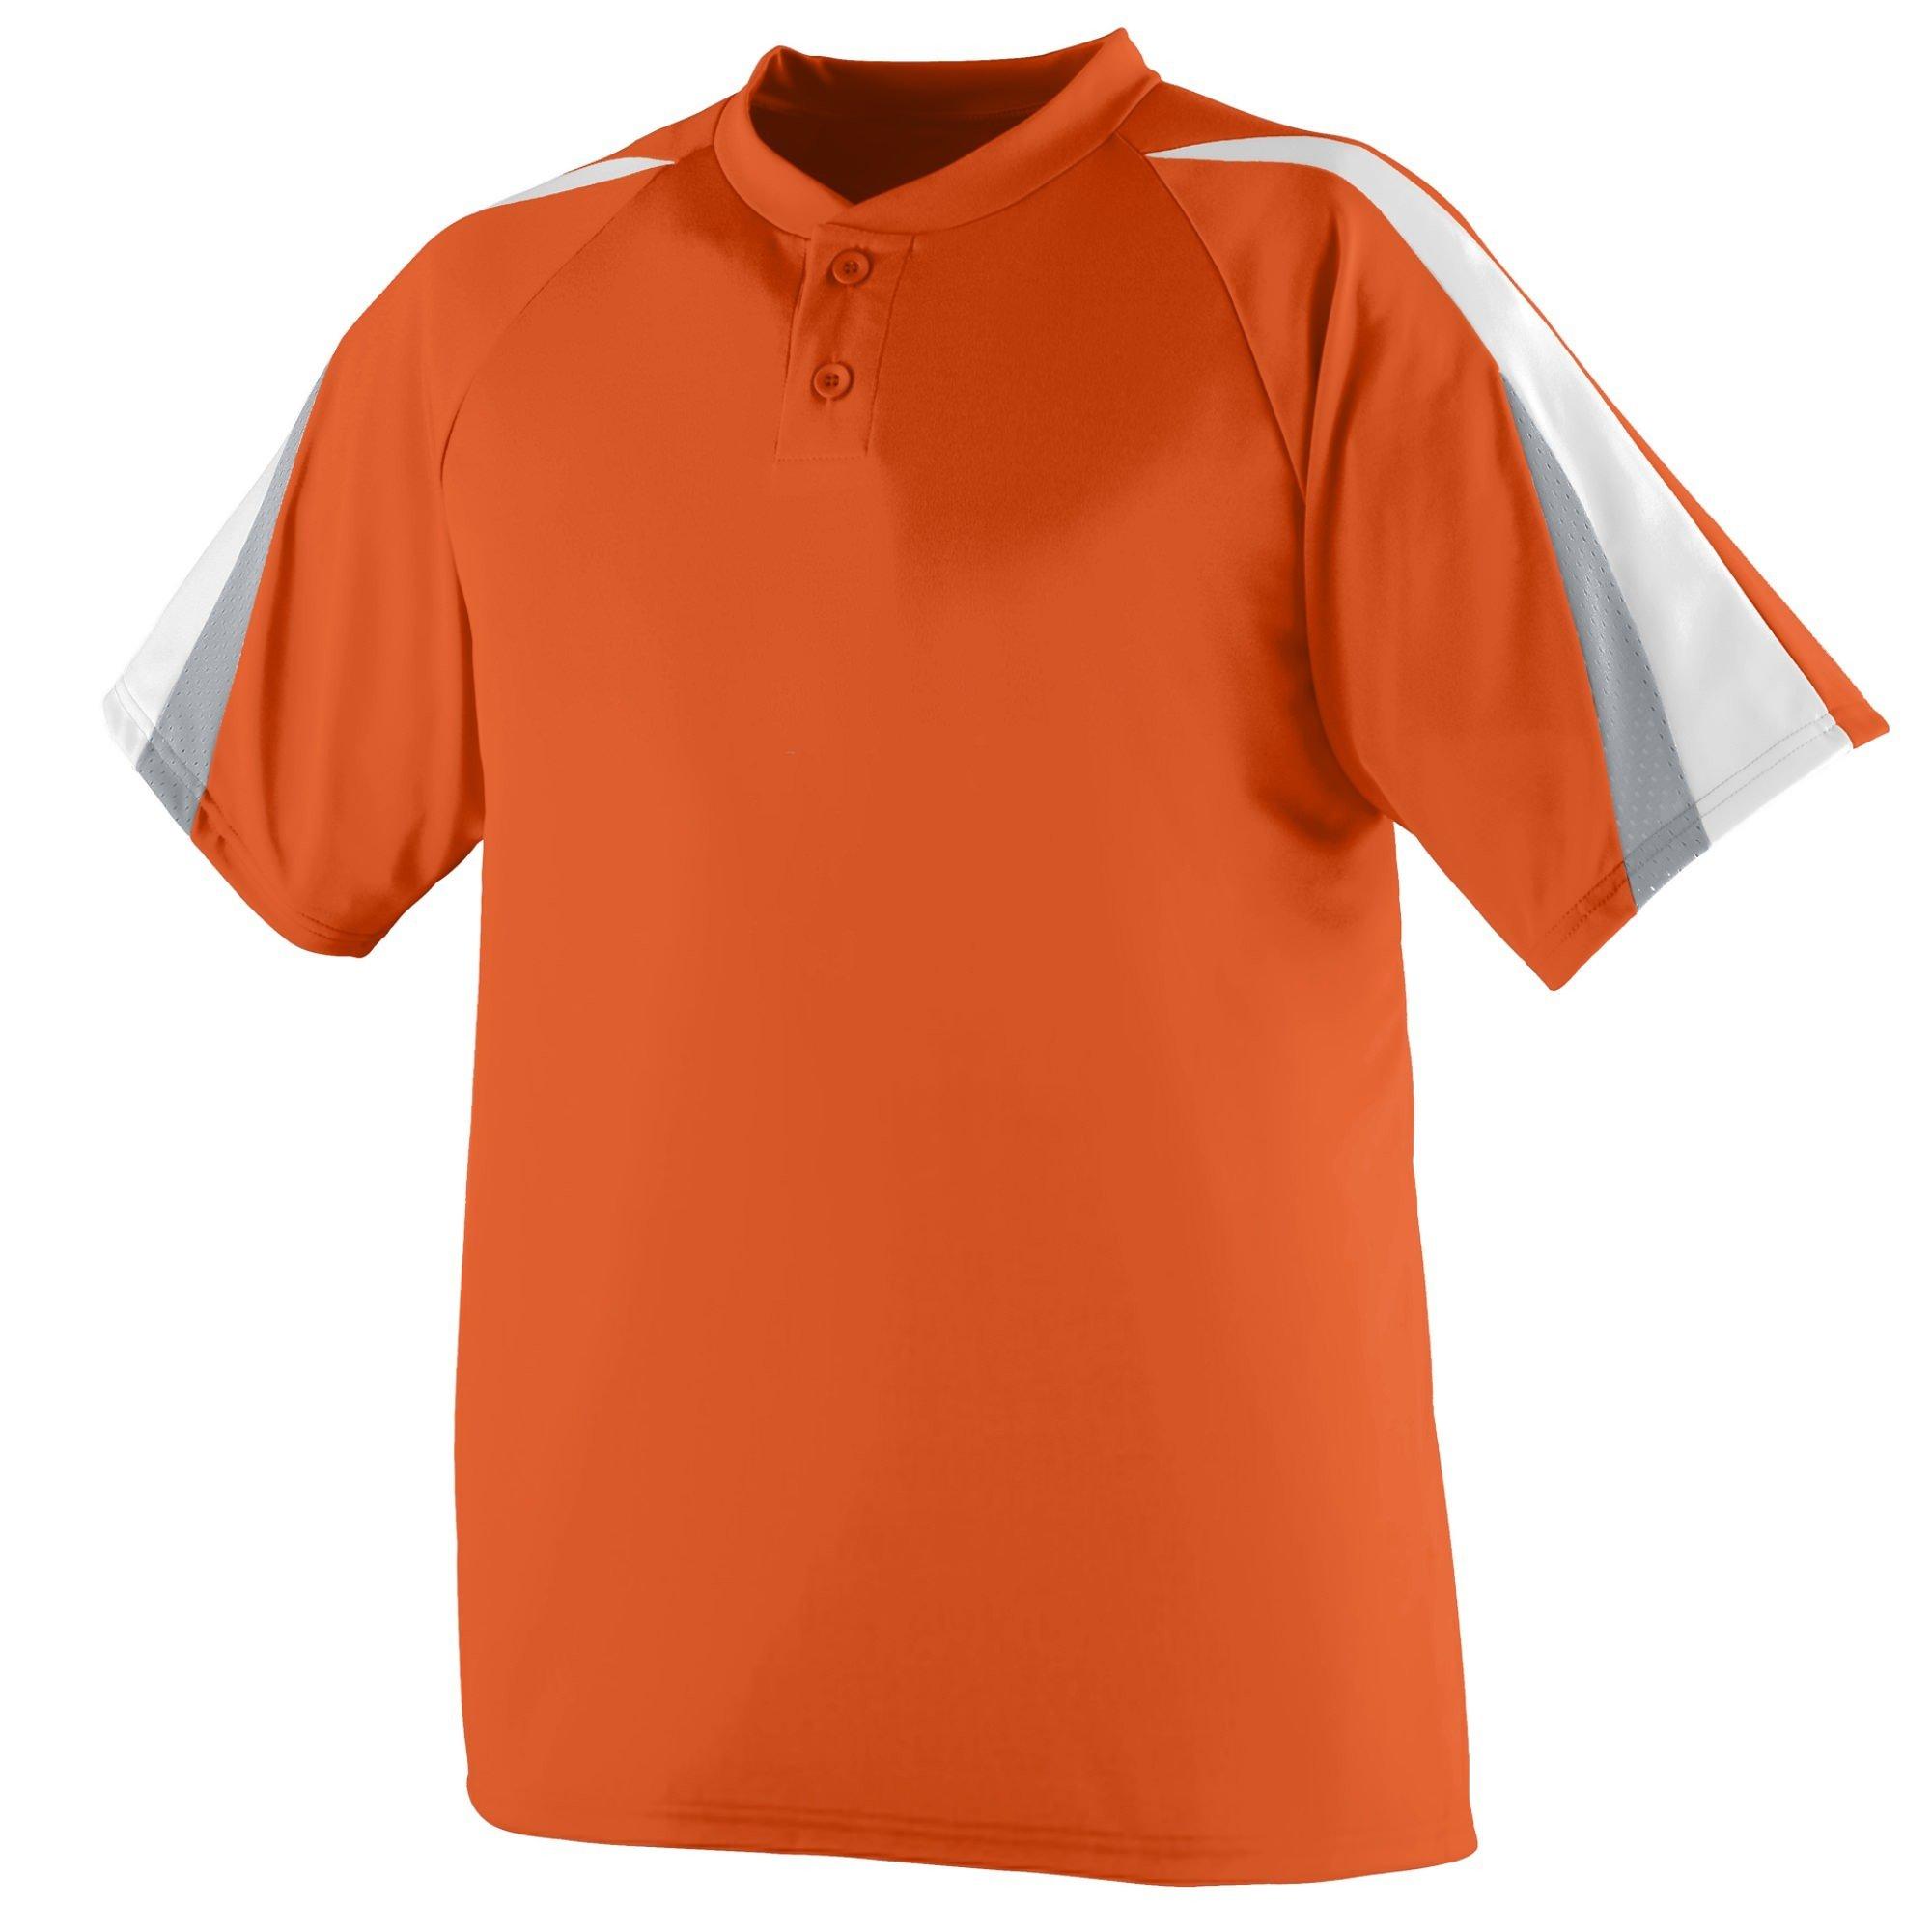 Augusta Sportswear Power Plus Jersey 3XL Orange/White/Silver Grey by Augusta Sportswear